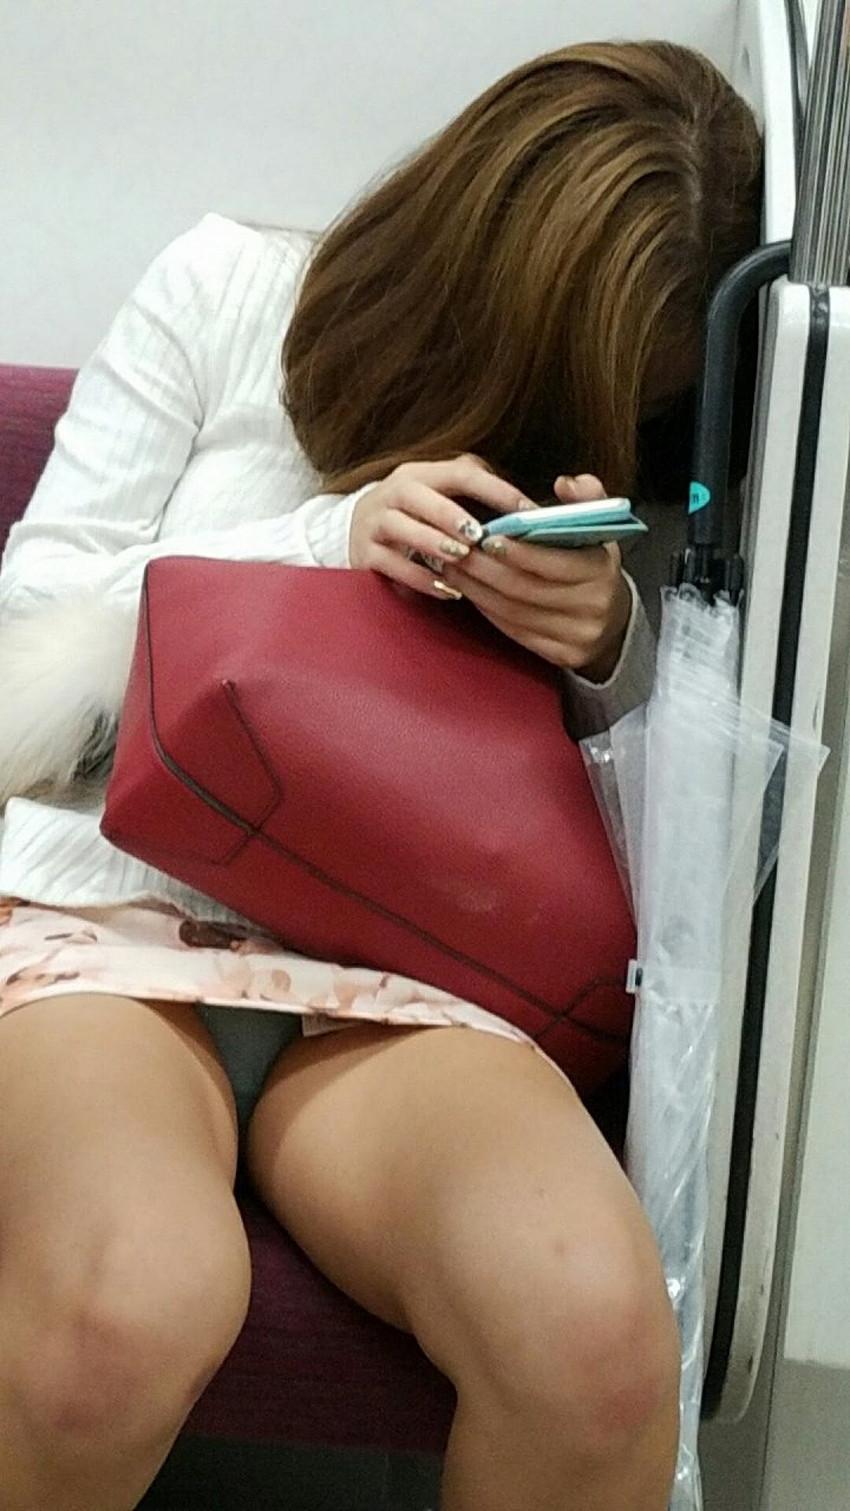 【居眠りパンチラエロ画像】居眠りOLが電車内でお股ユルユル!ww居眠り美女の無防備なパンチラを盗撮した居眠りパンチラのエロ画像集!ww【80枚】 66